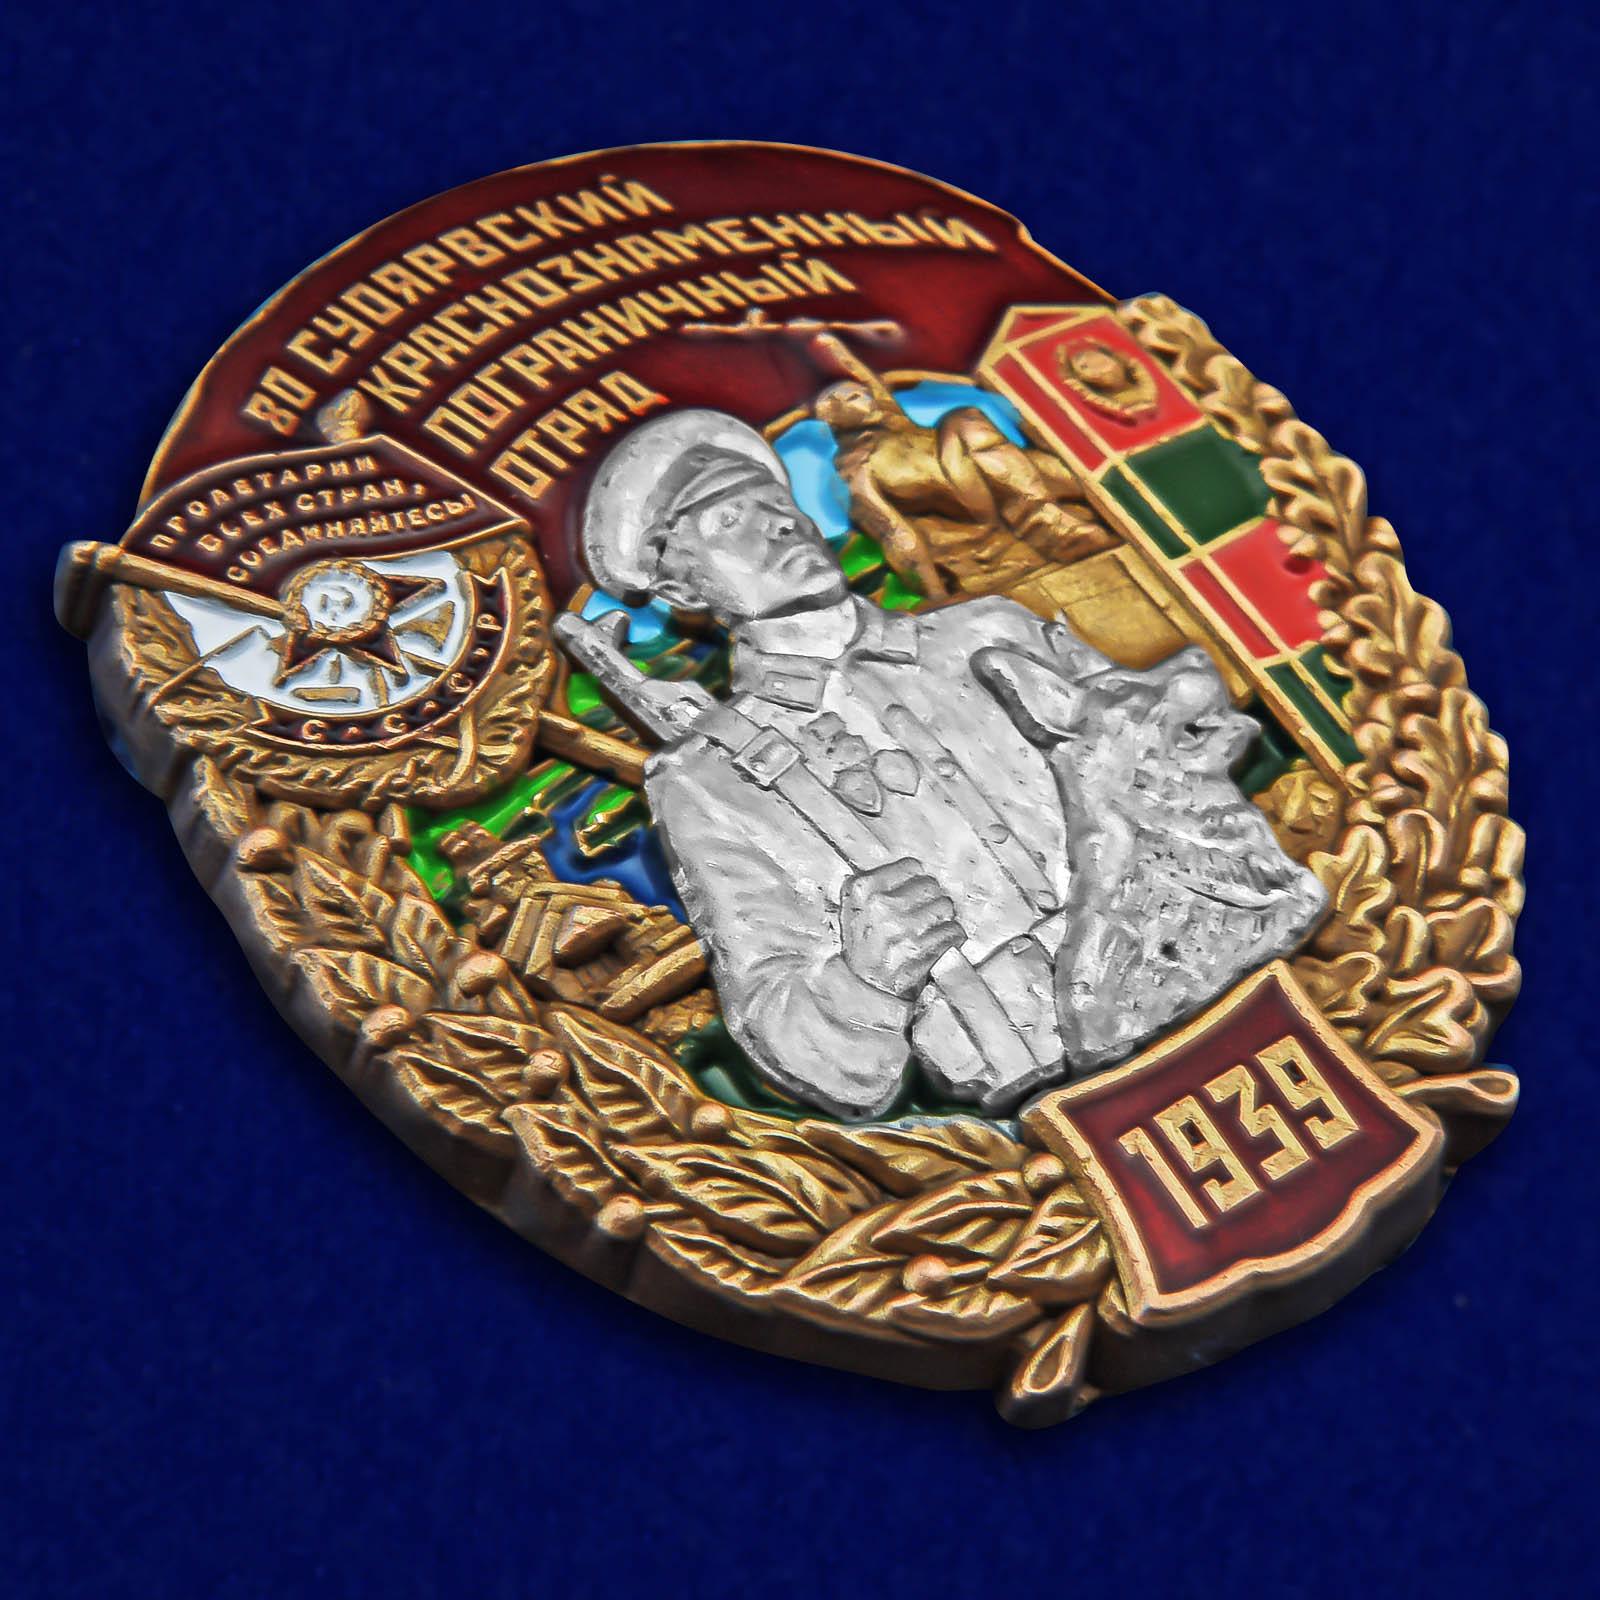 Нагрудный знак 80 Суоярвский Краснознамённый Пограничный отряд - общий вид